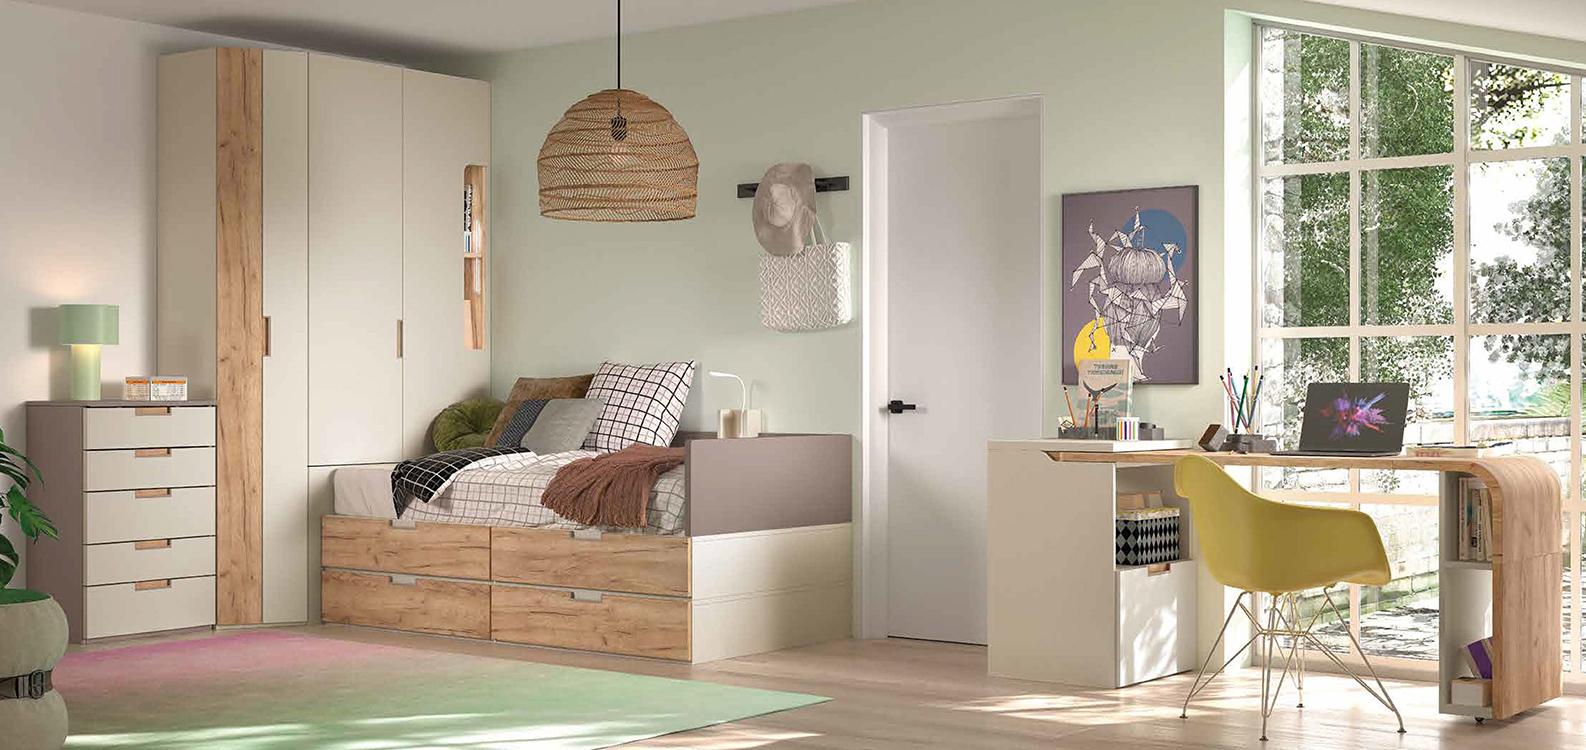 Roperos infantiles - Dormitorios modulares juveniles ...